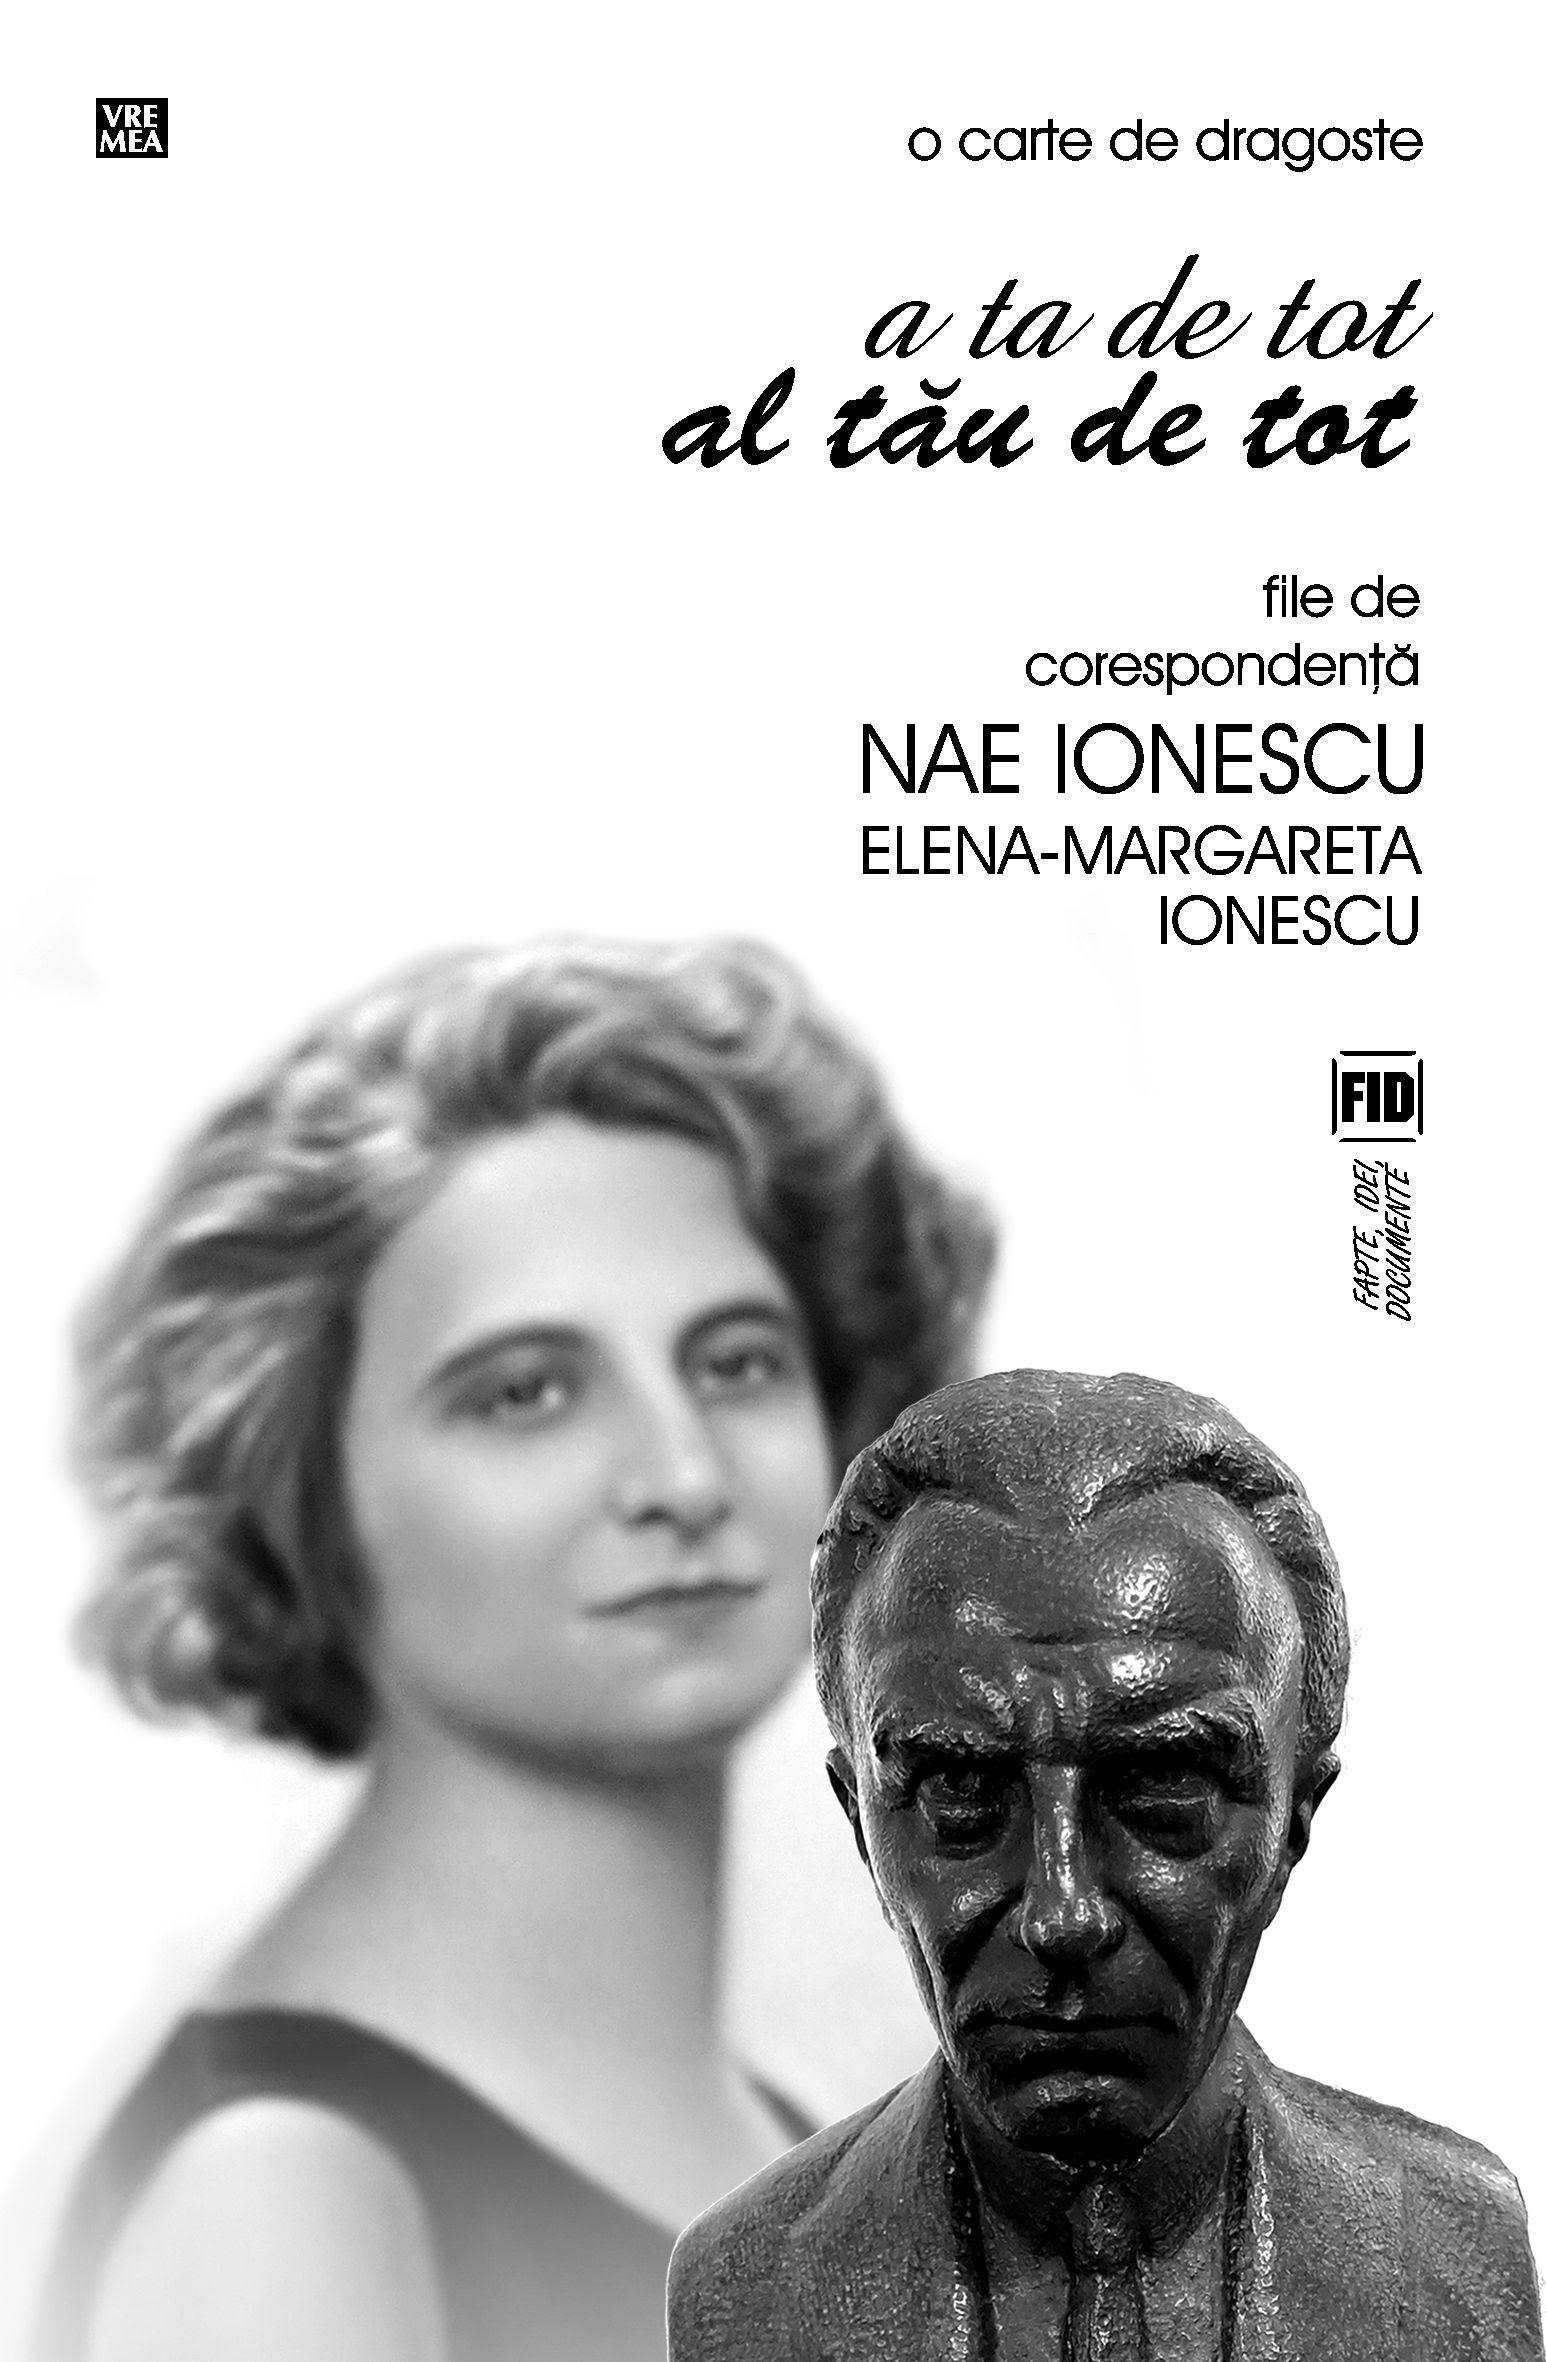 """Lansarea volumului """"A ta de tot, al tău de tot: File de corespondenţă"""", de Nae Ionescu, Elena-Margareta Ionescu"""